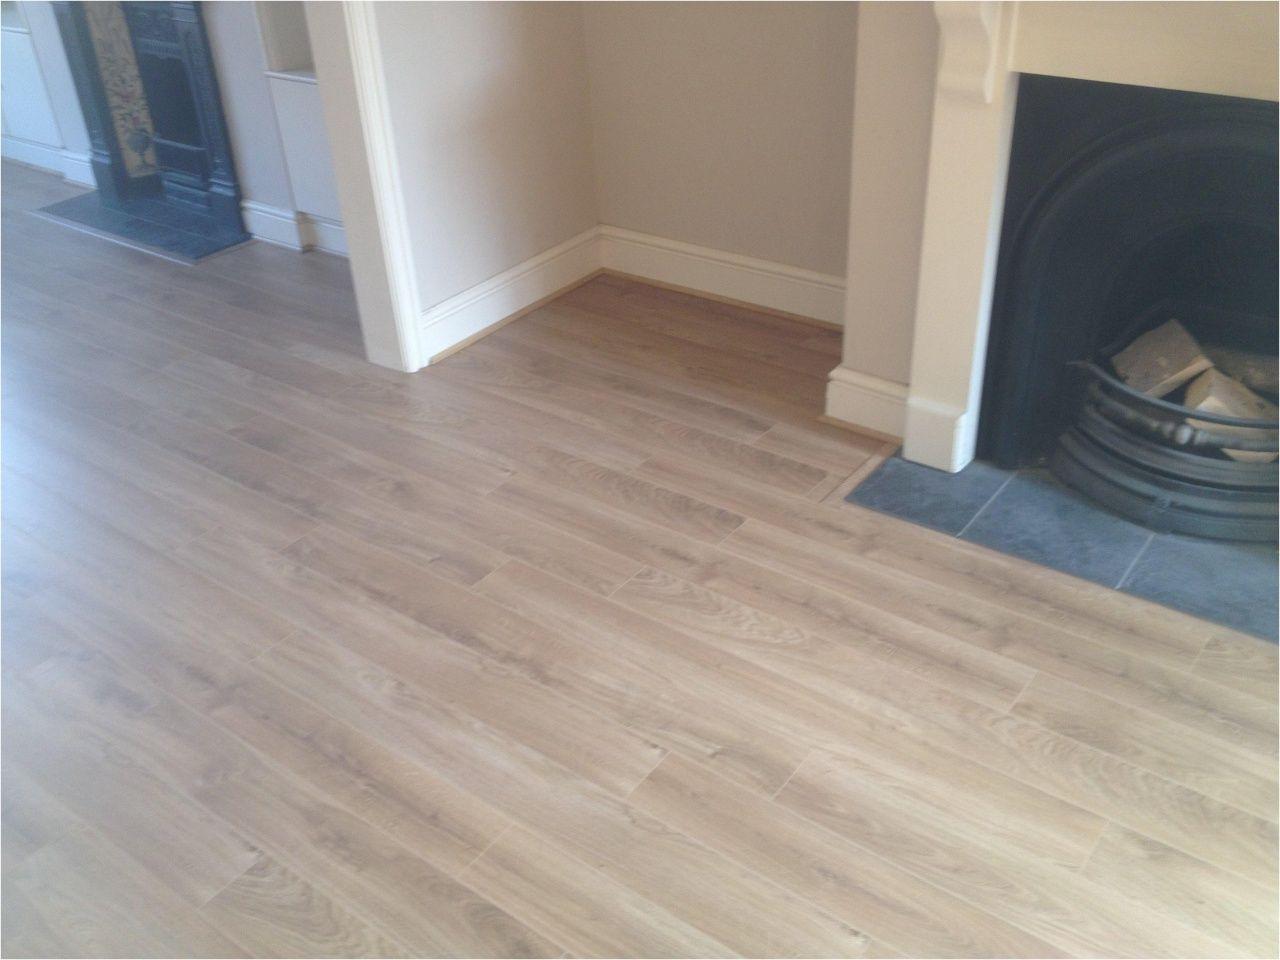 Vinyl Plank Flooring Installation Cost In 2020 Vinyl Flooring Installation Flooring Vinyl Plank Flooring